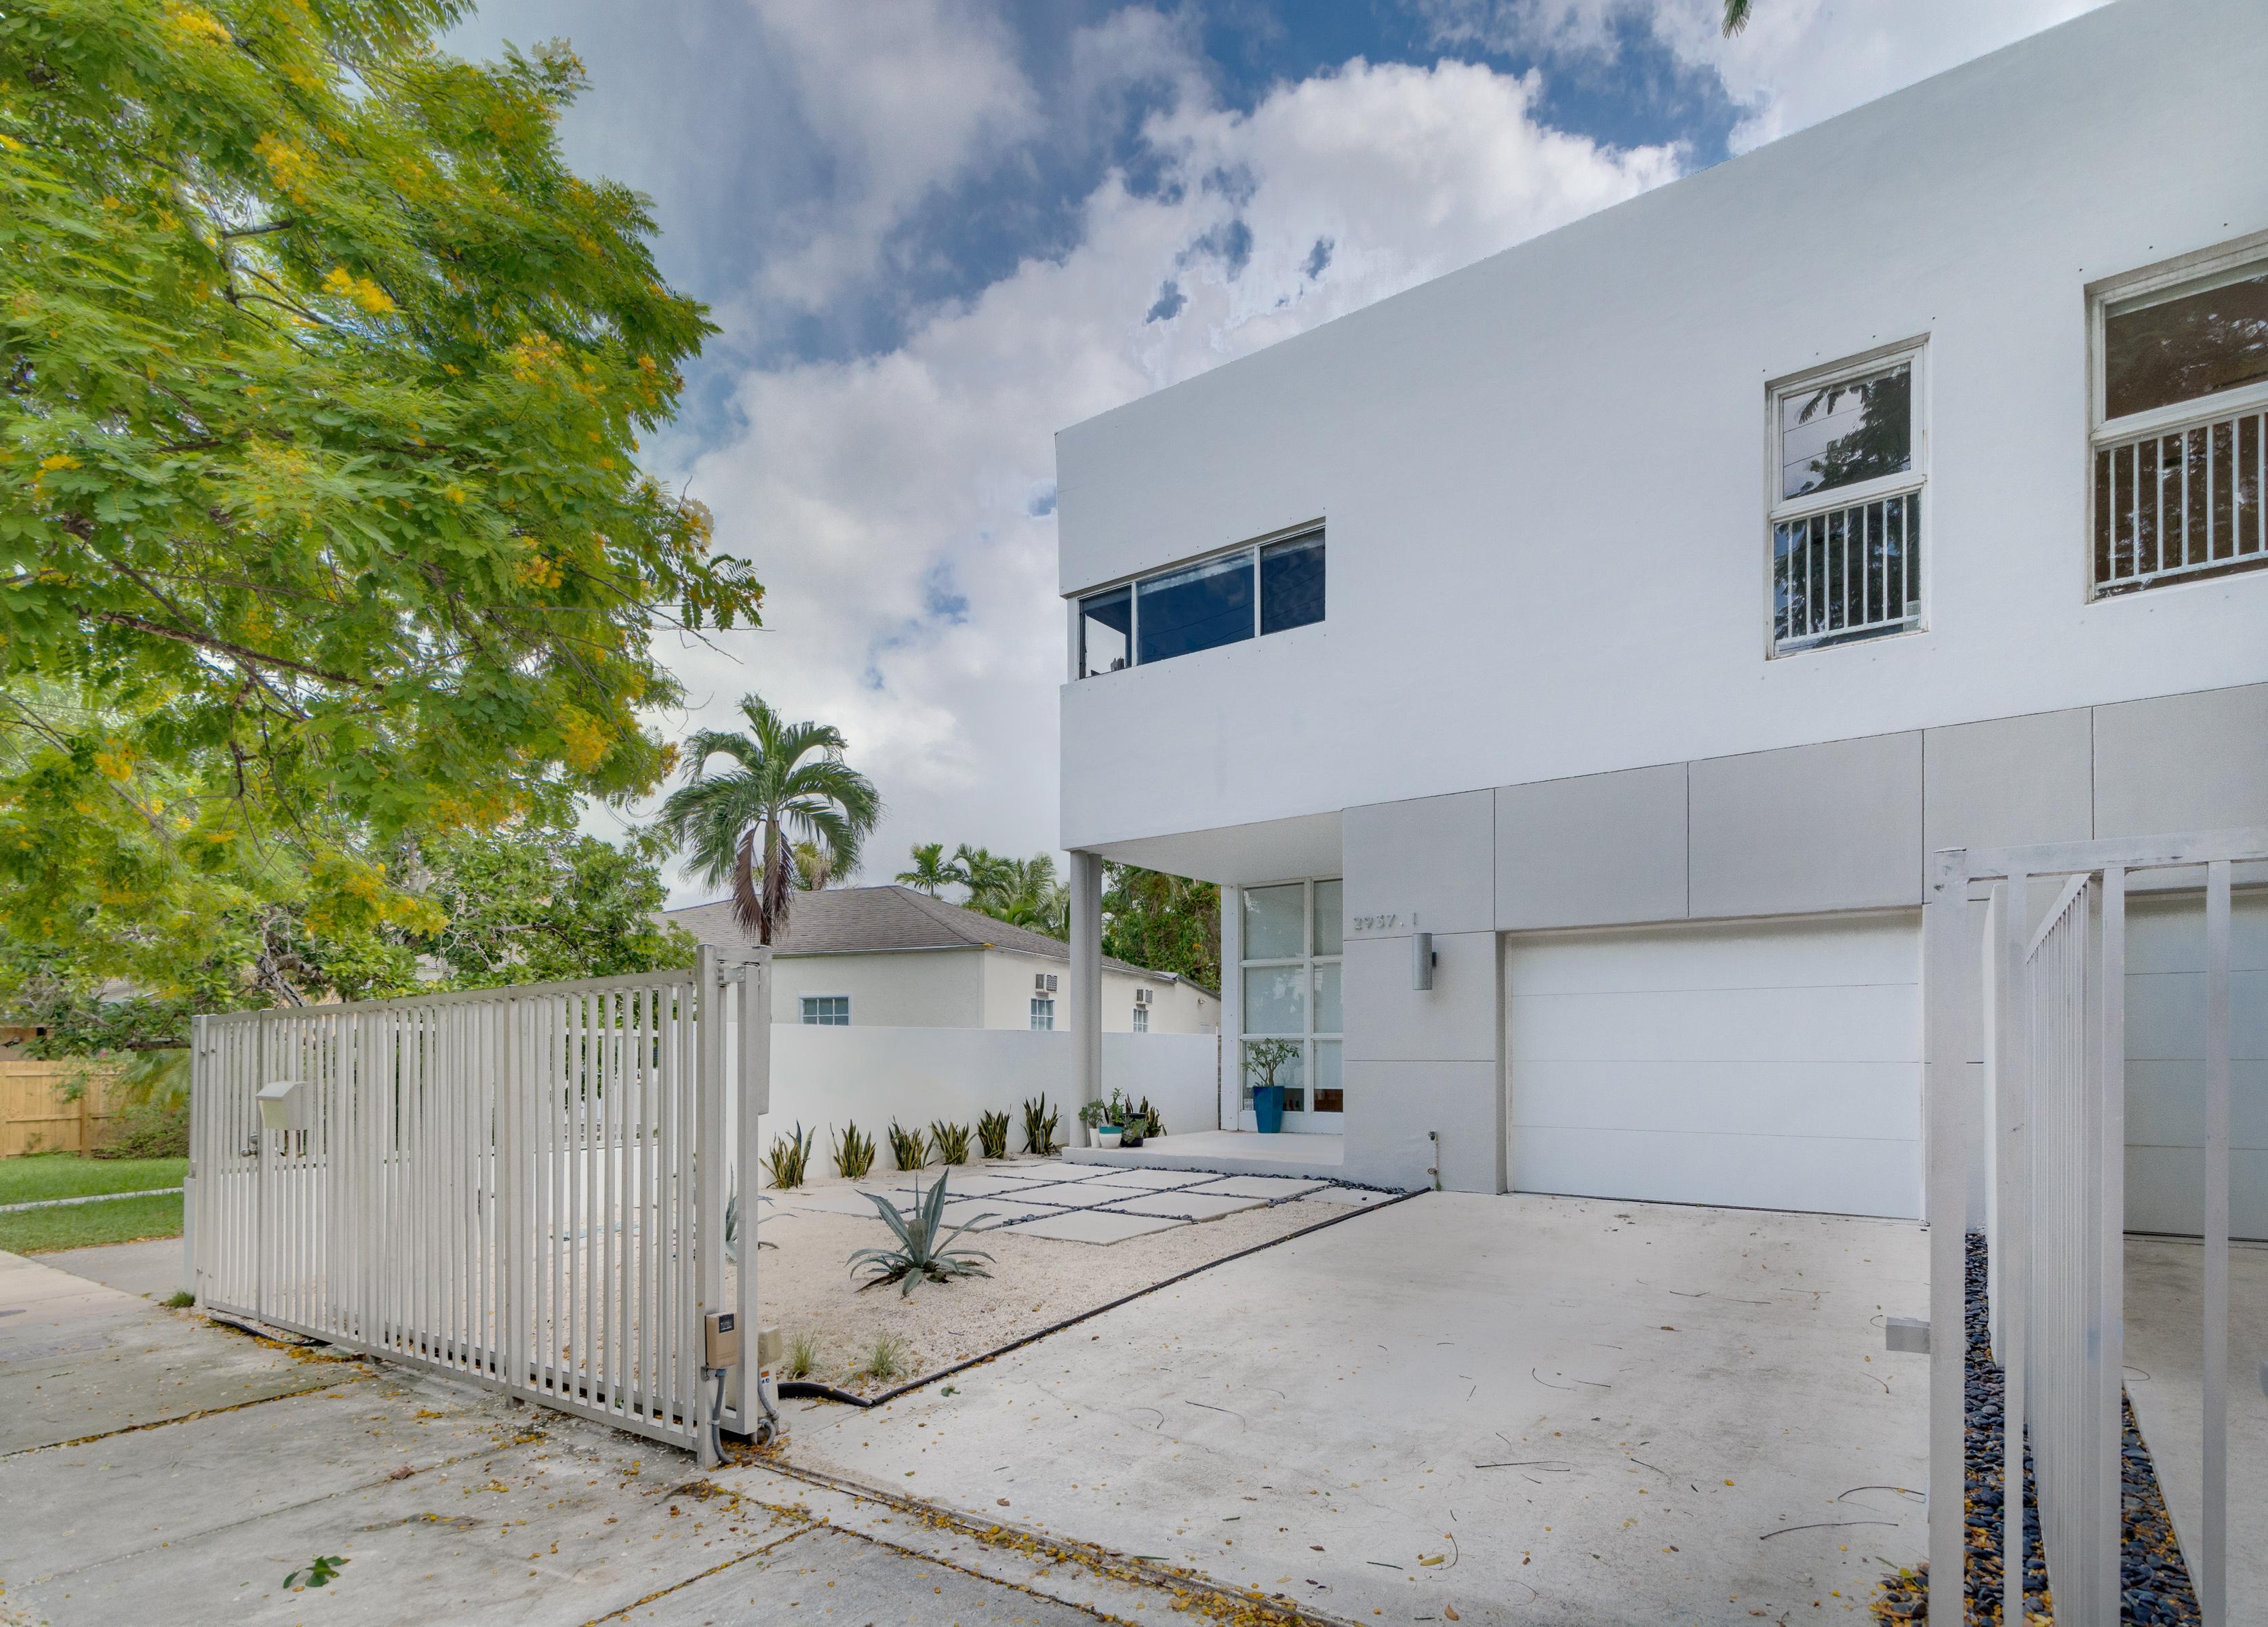 Moradia em banda para Venda às 2937 Sw 30 Court #1 2937 Sw 30 Court 1 Miami, Florida, 33133 Estados Unidos